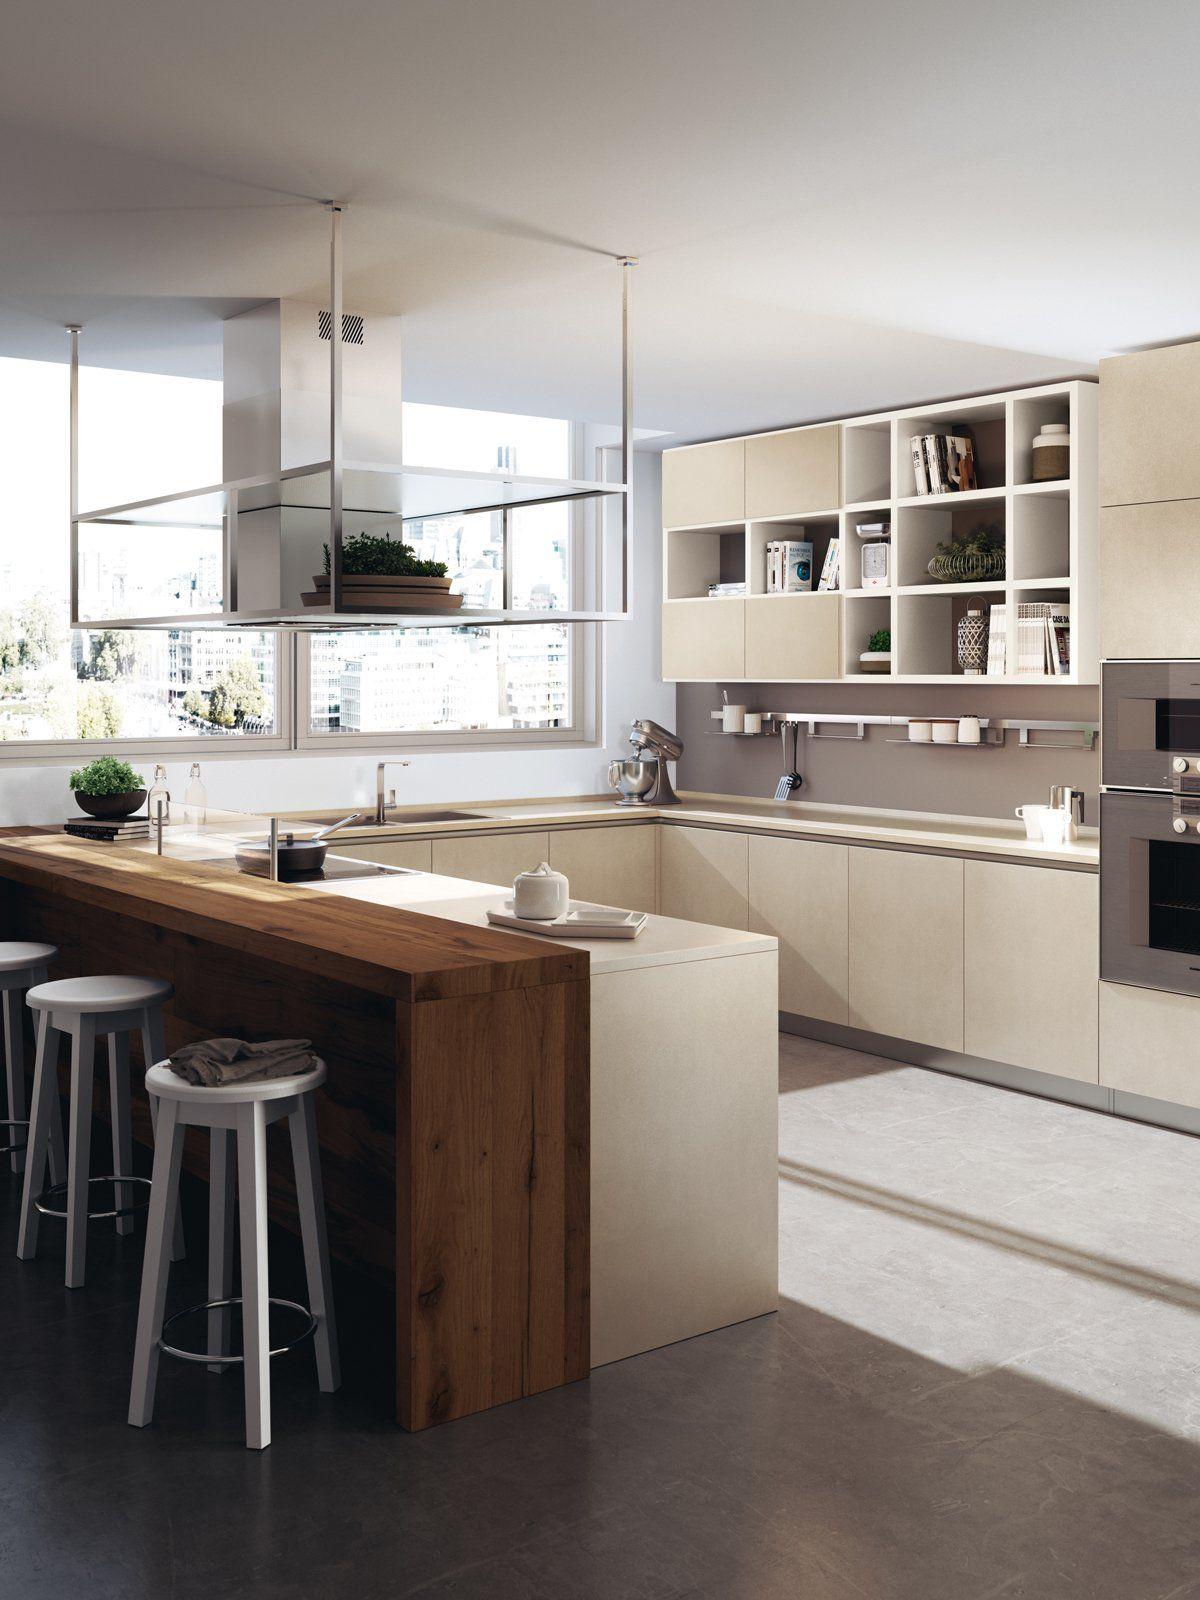 Cucine con grandi piani di lavoro - Cose di Casa | Cucine | Cucine ...